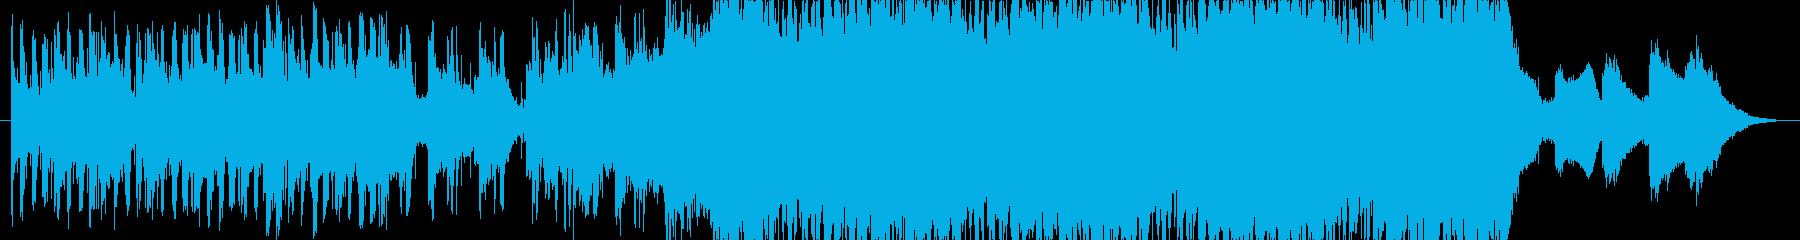 クールなゲーム用 の再生済みの波形